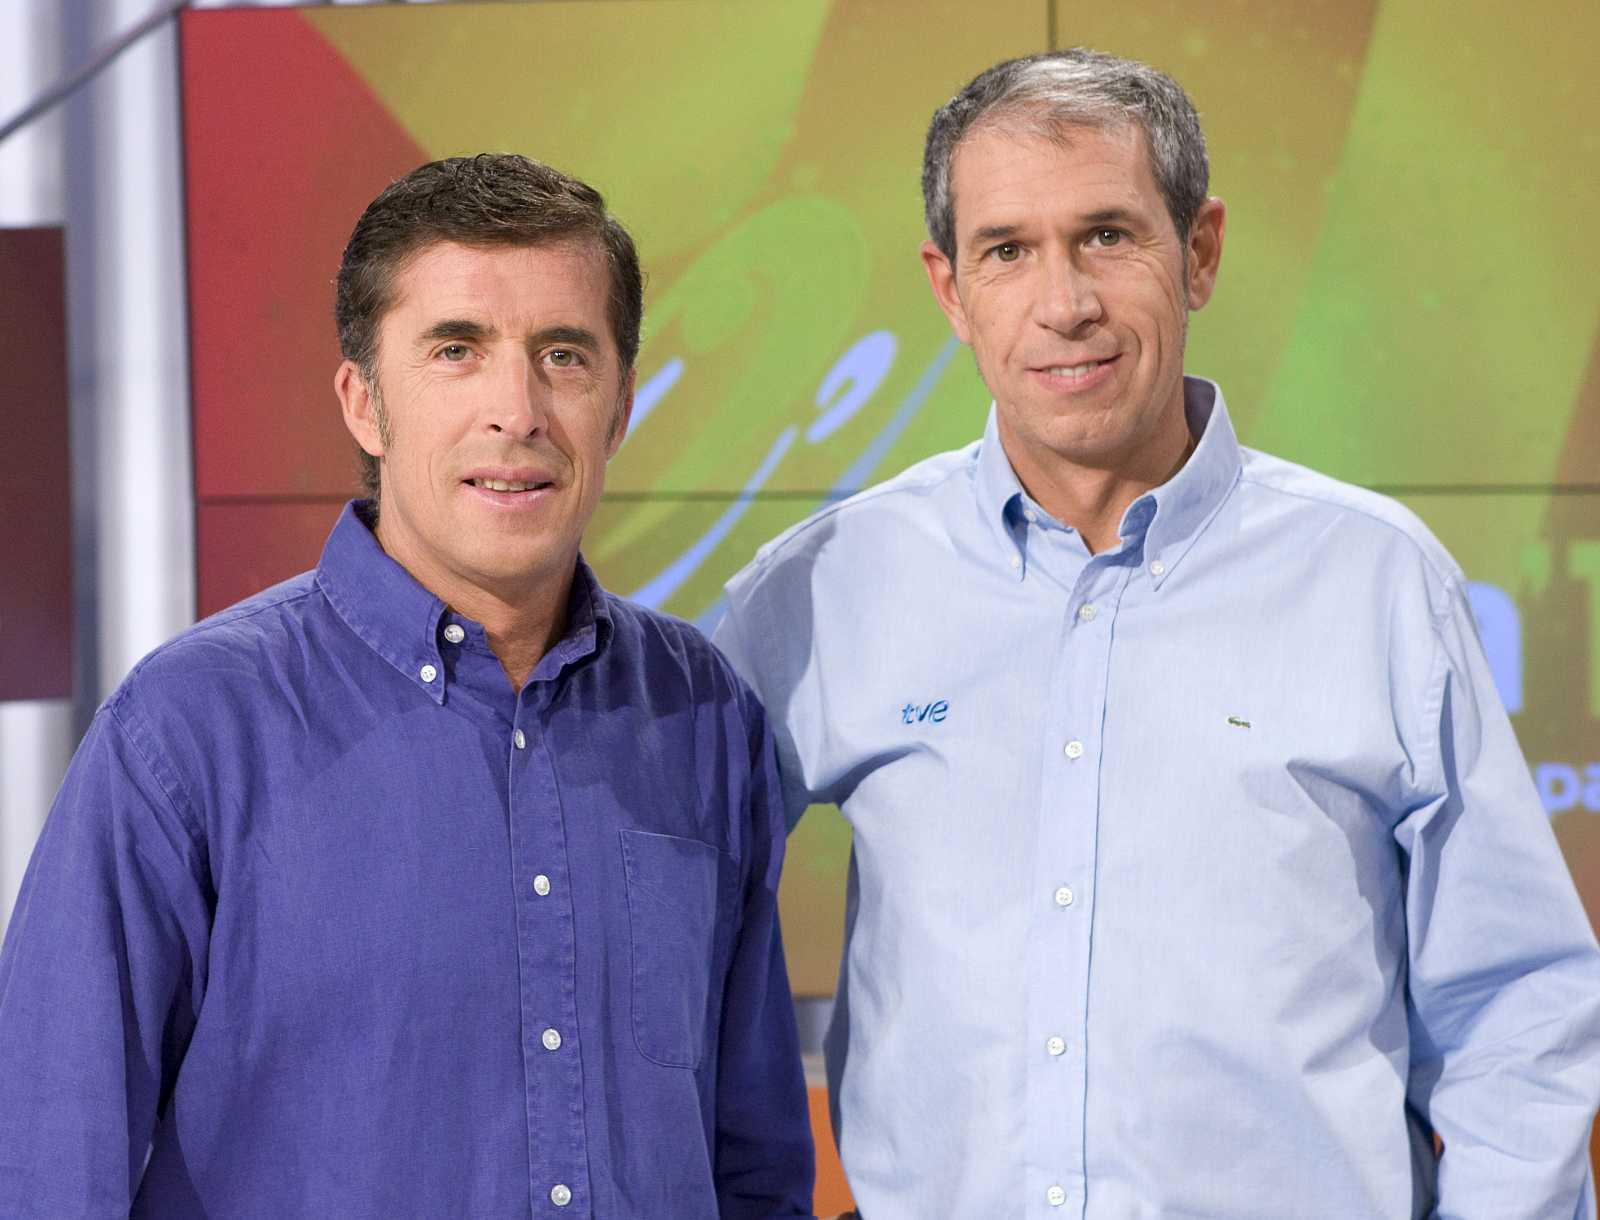 Carlos de Andrés y Pedro Delgado, los comentaristas del ciclismo en TVE.